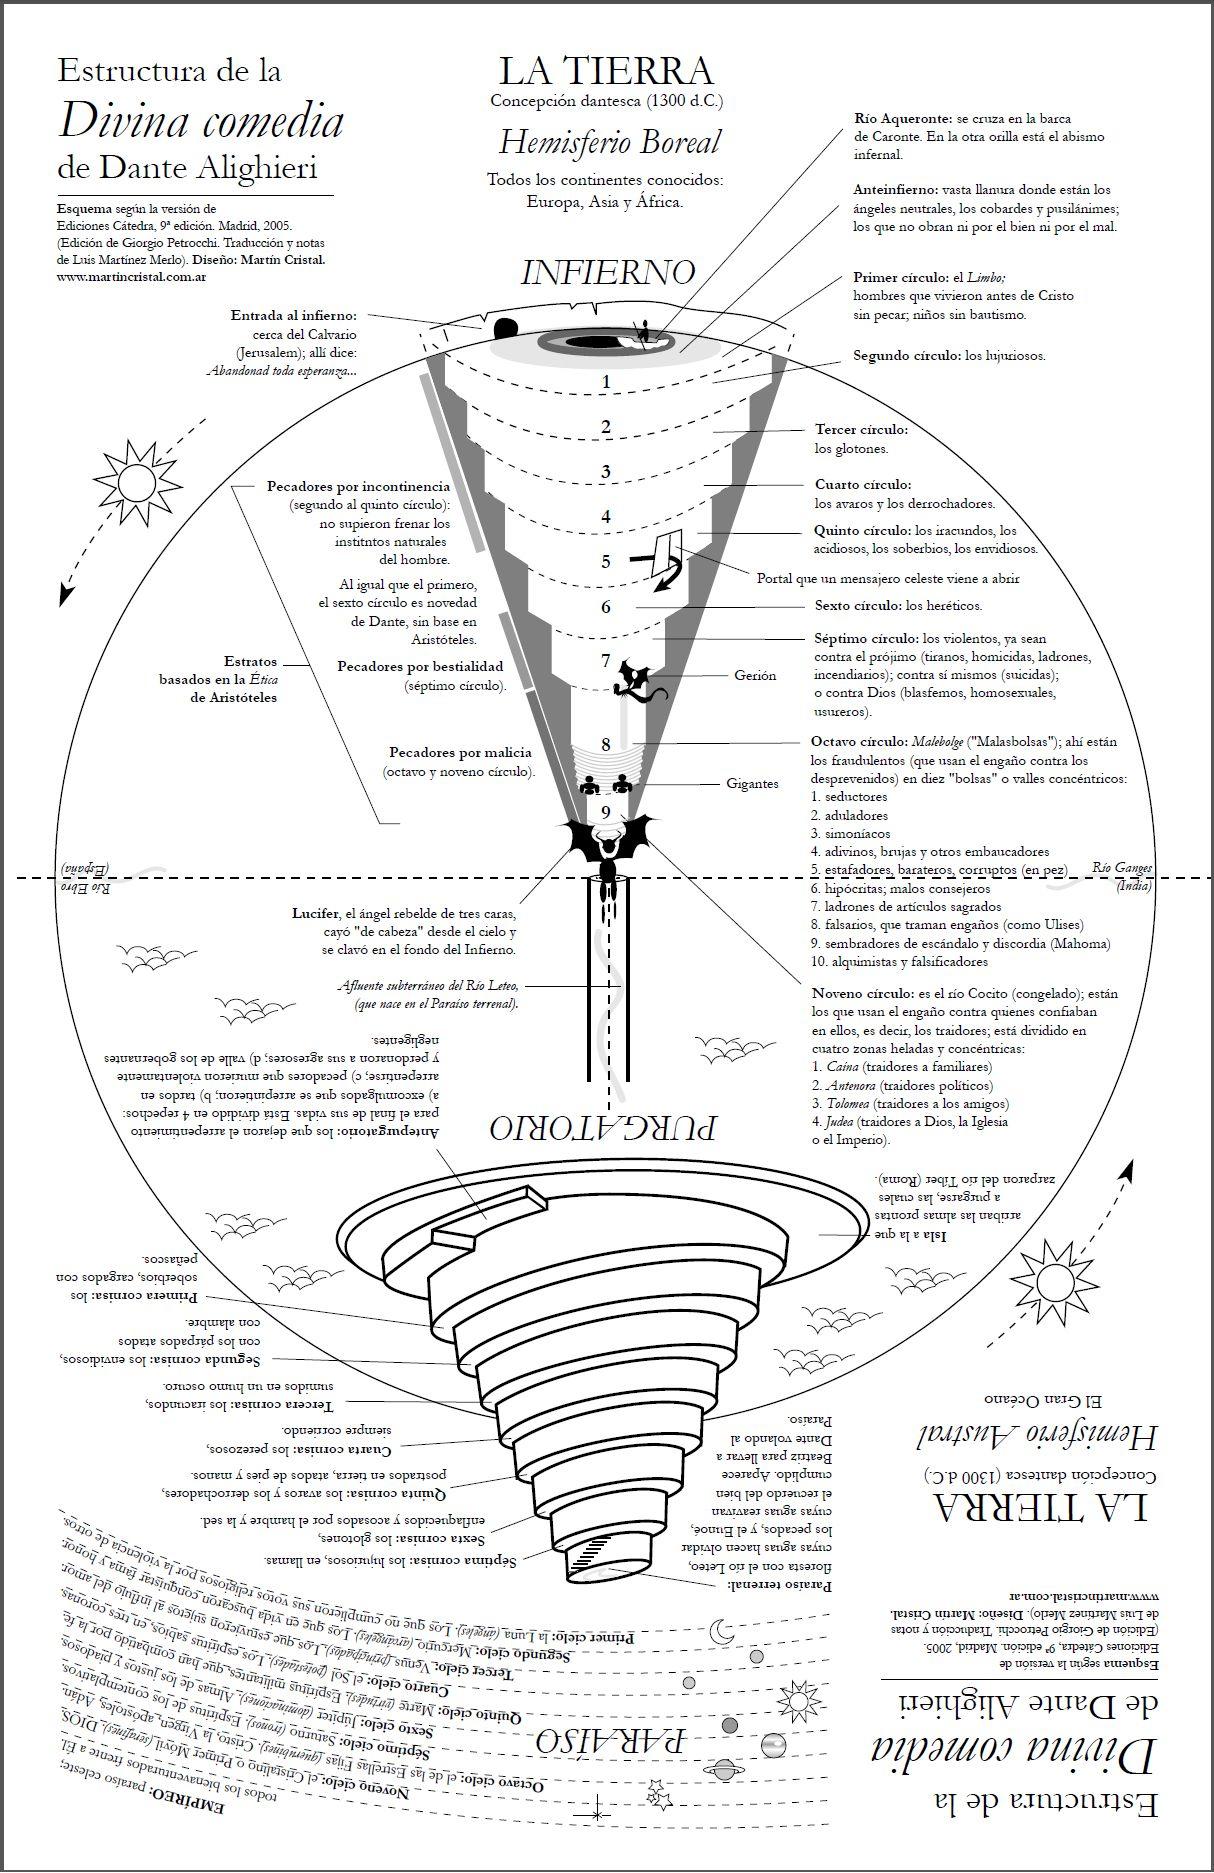 Esquema de la Divina Version de Ediciones Catedra   Madrid (2005)   Edicion  de Giorgio Petrocchi y diseño de Martin Cristal